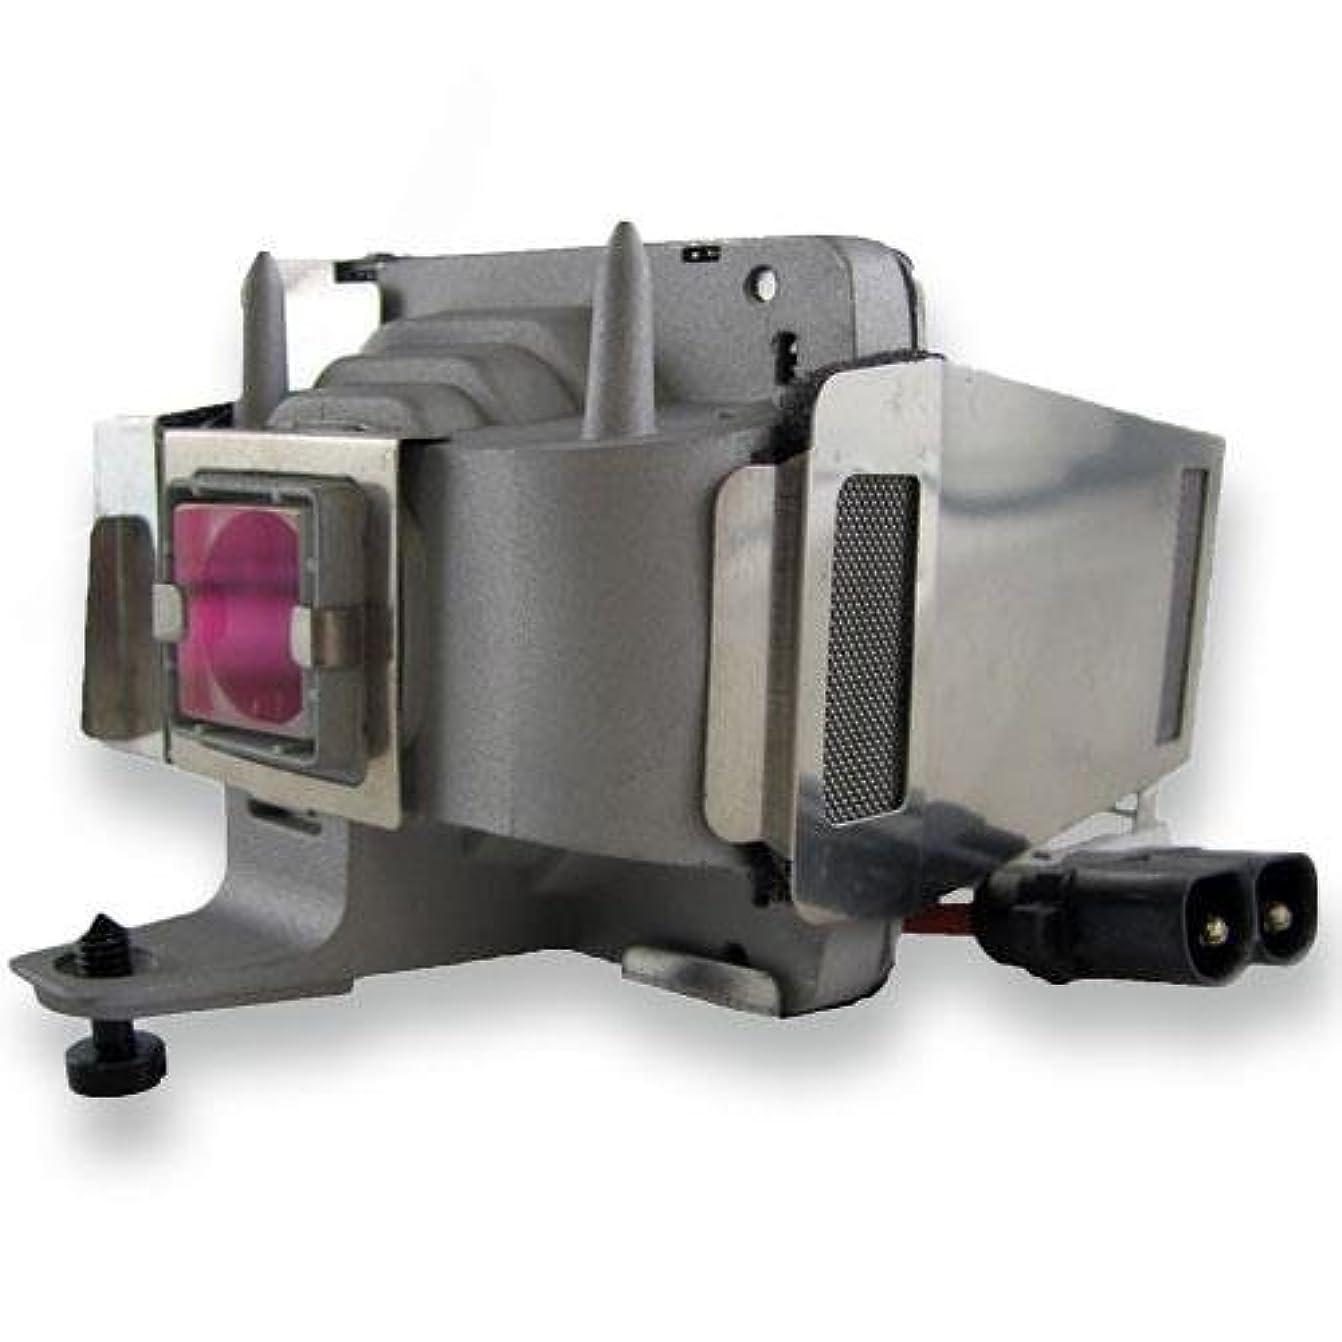 結び目種綺麗なPureglare PROXIMA C250W プロジェクター交換用ランプ 汎用 150日間安心保証つき